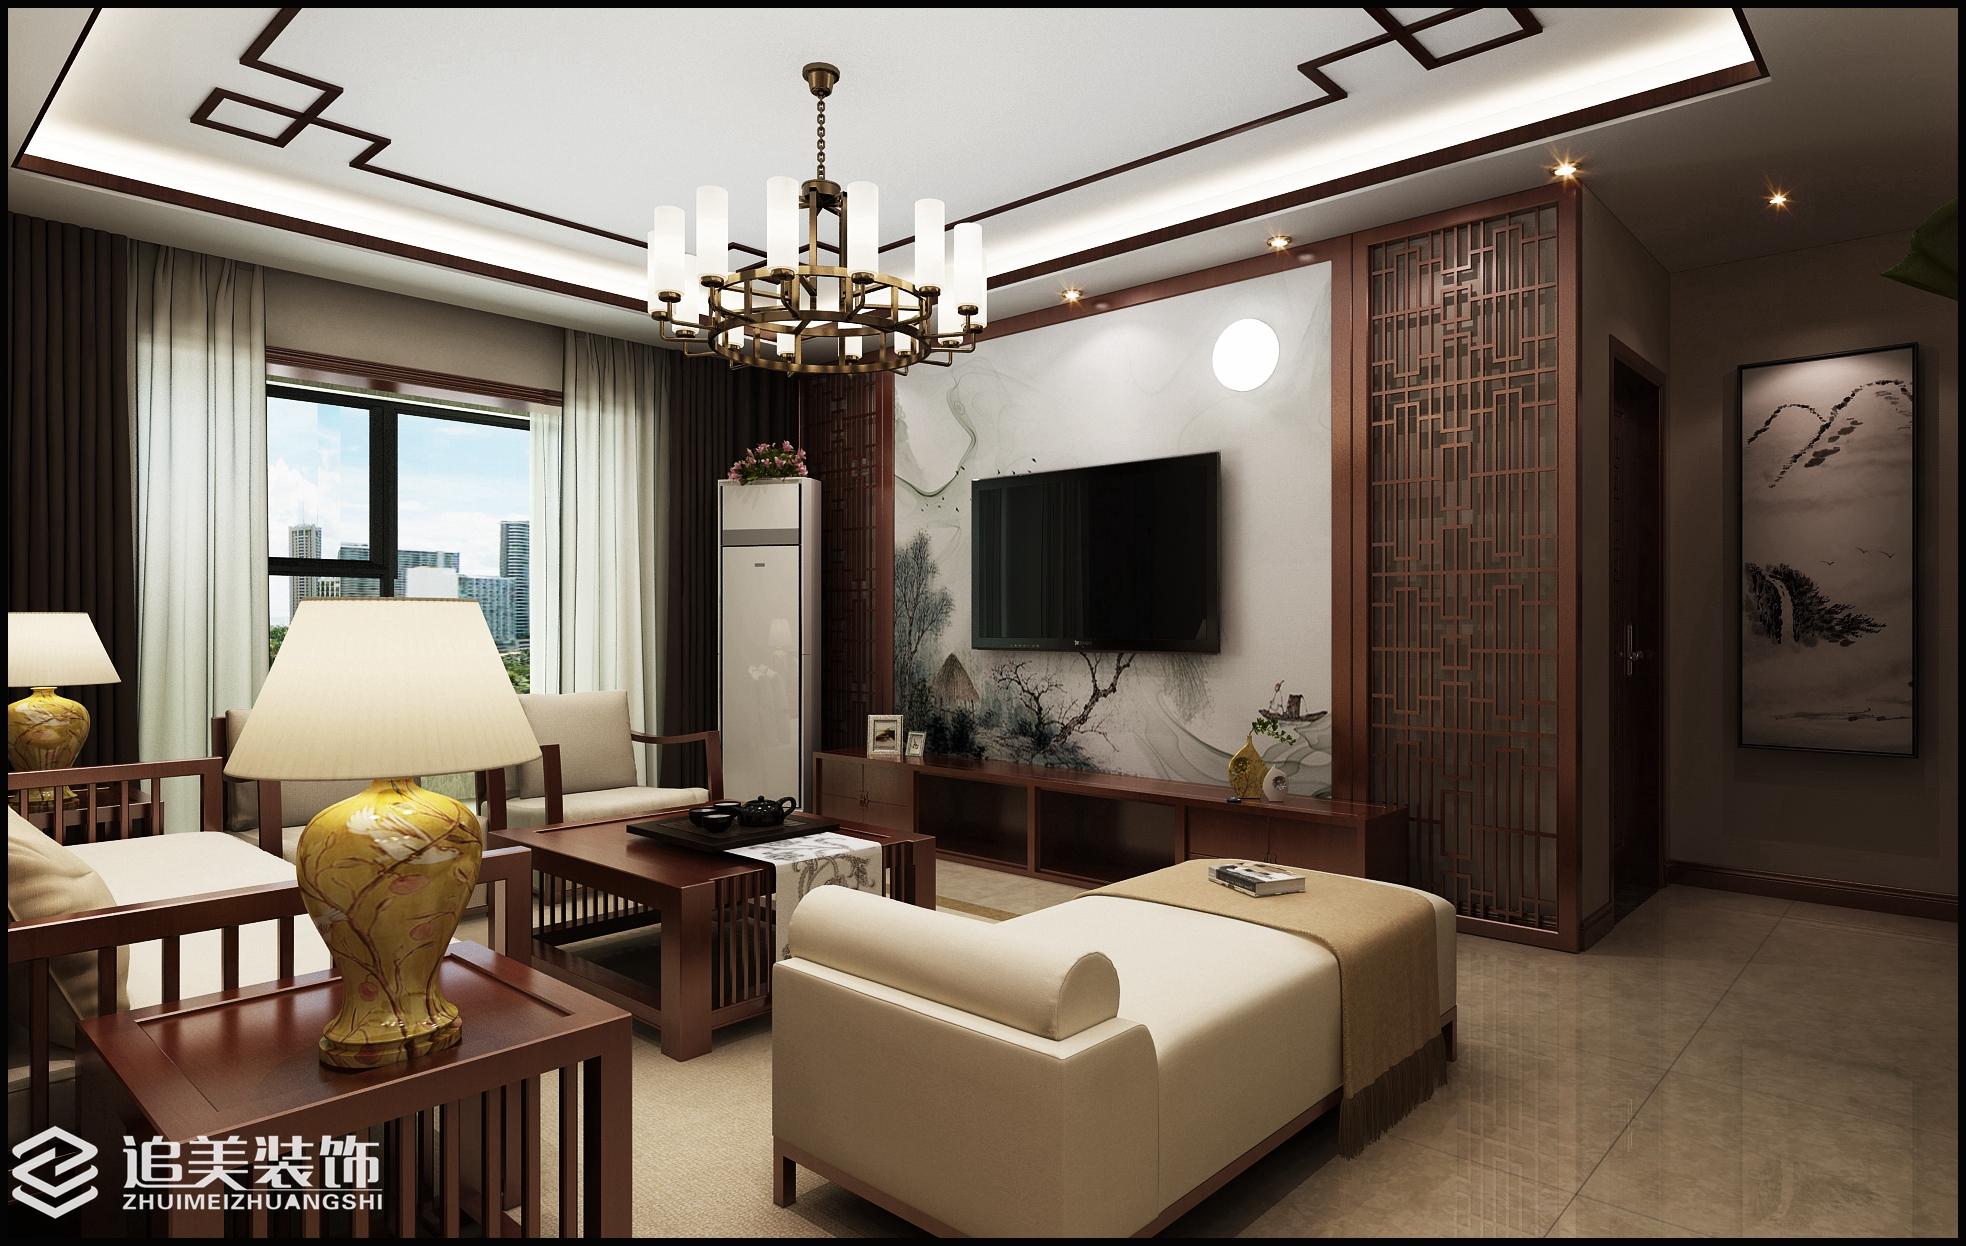 三居 收纳 中式 世纪王城 客厅图片来自河南追美装饰在世纪王城143㎡新中式风格的分享